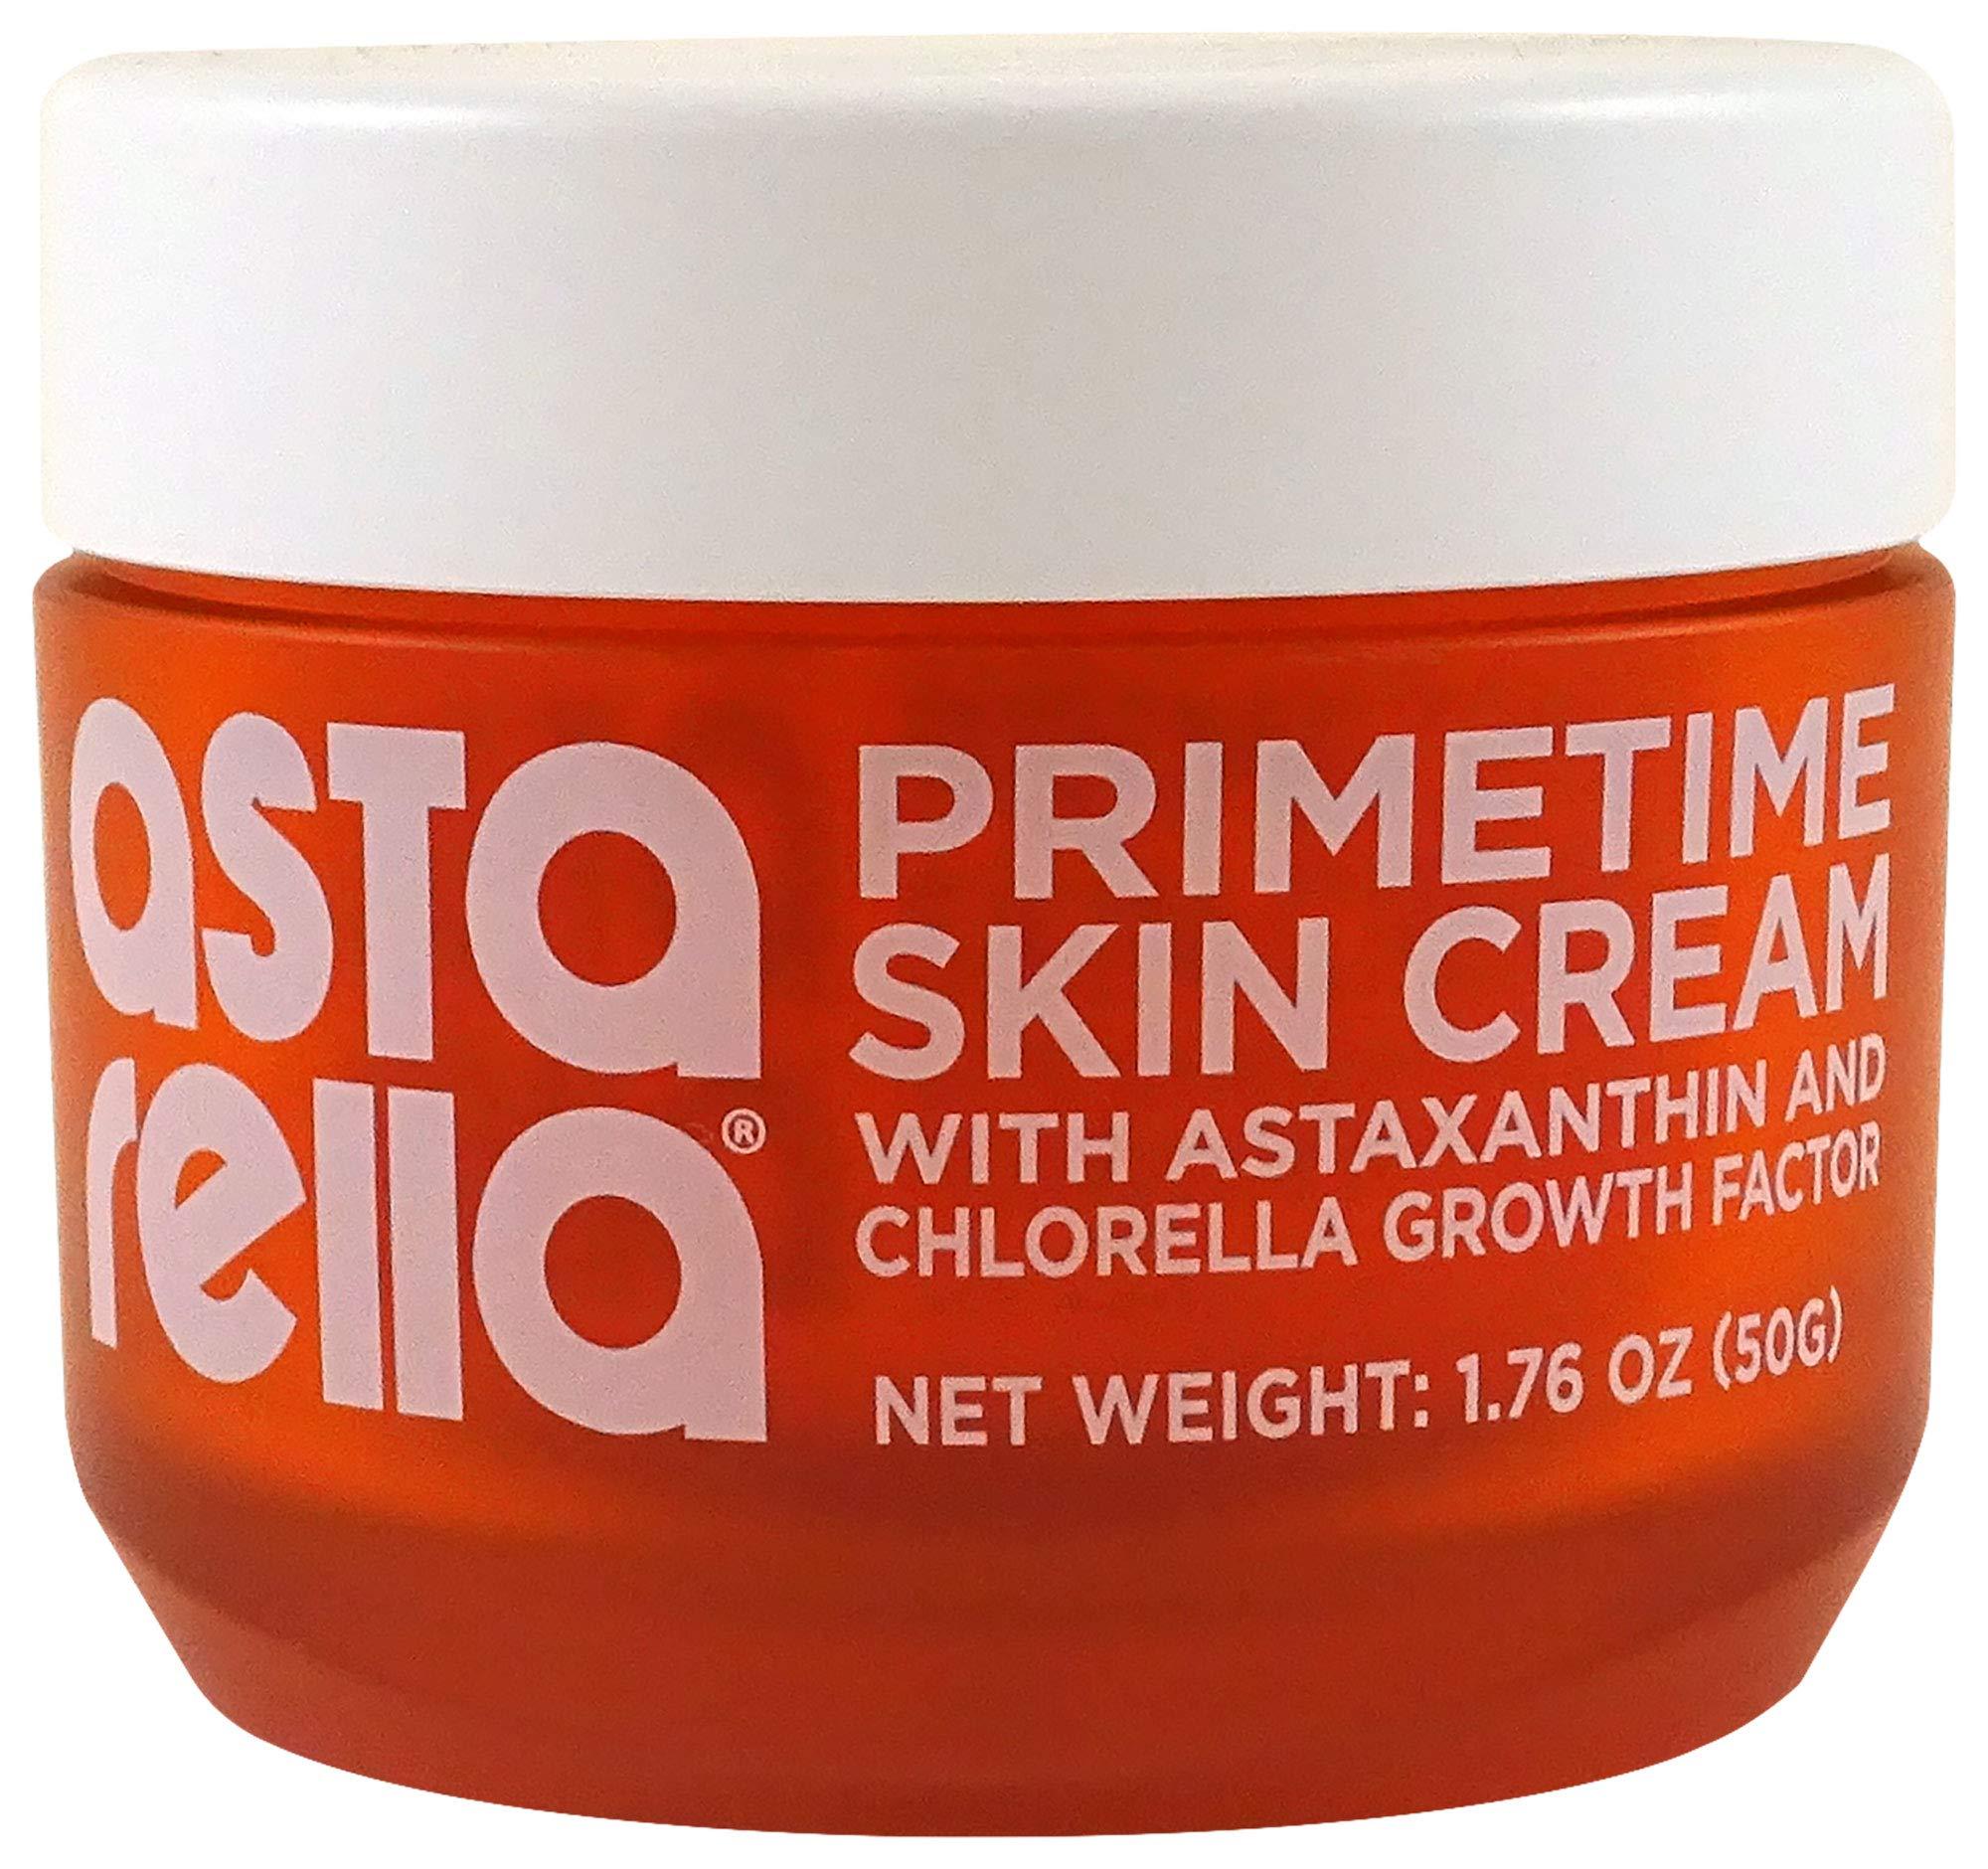 Astarella Prmtime,Skin cm, 2.66 Pound